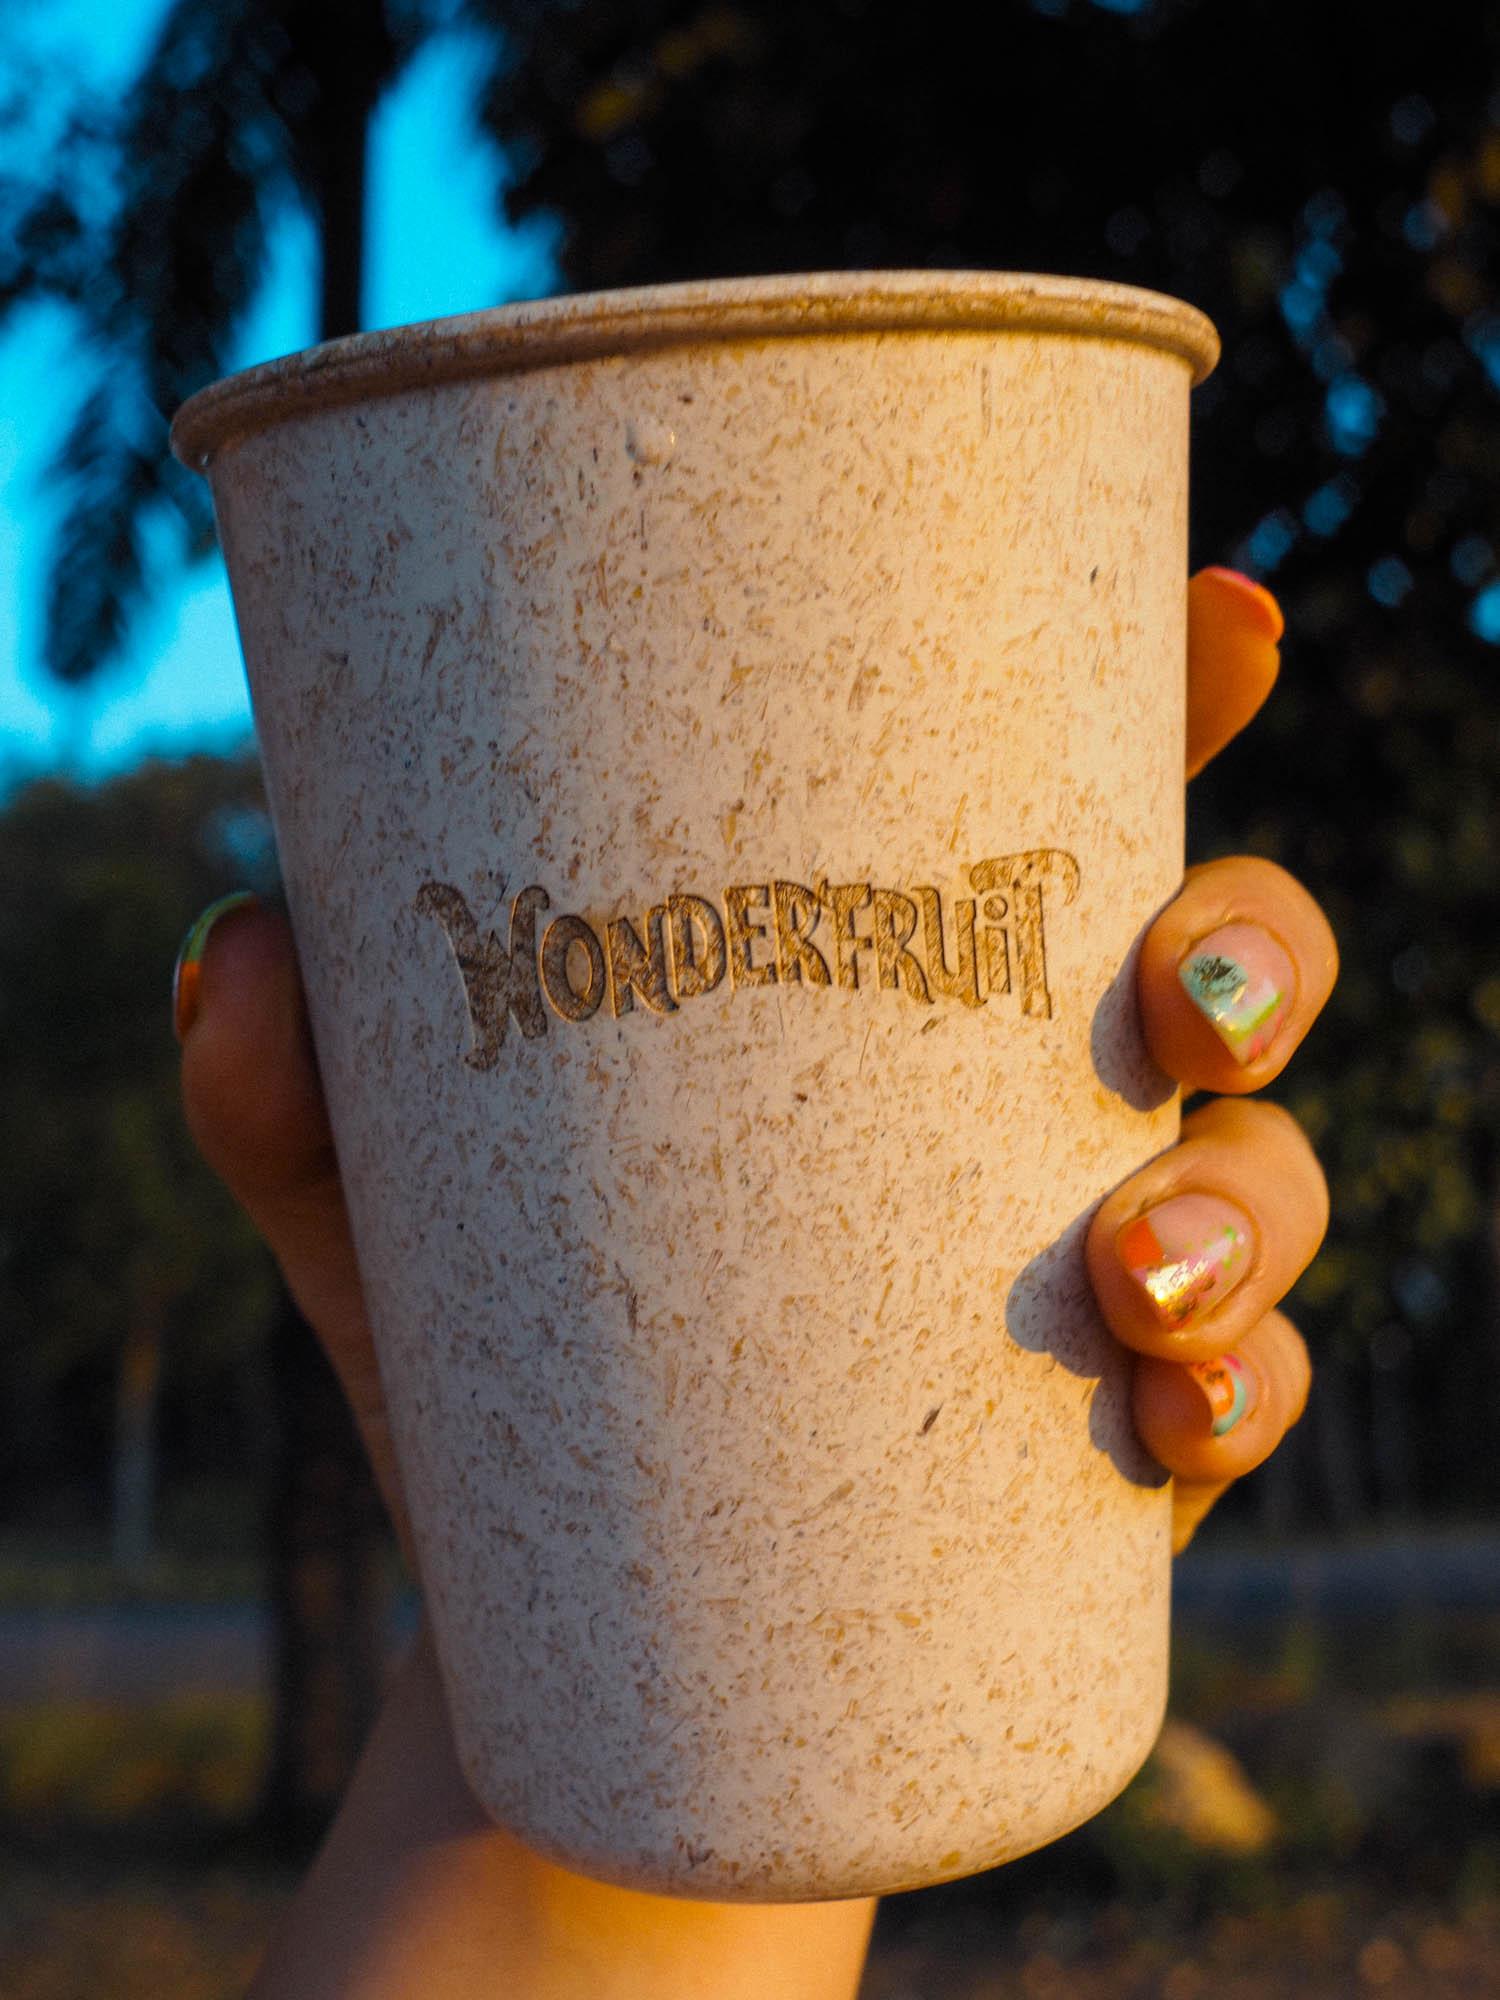 Wonderfruit Festival coconut cup